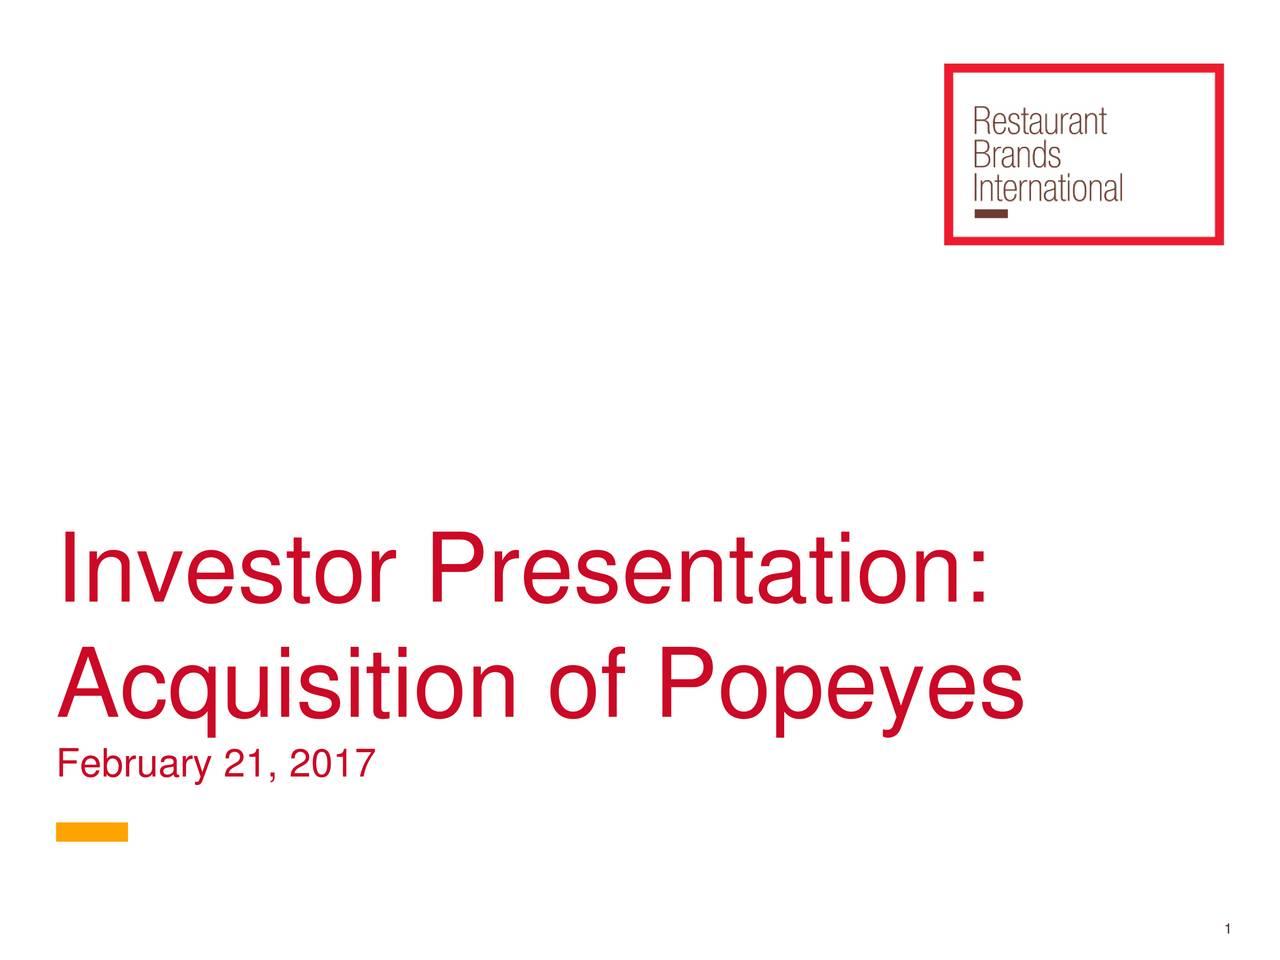 Restaurant Brands International Acquires Popeyes Louisiana Kitchen ...